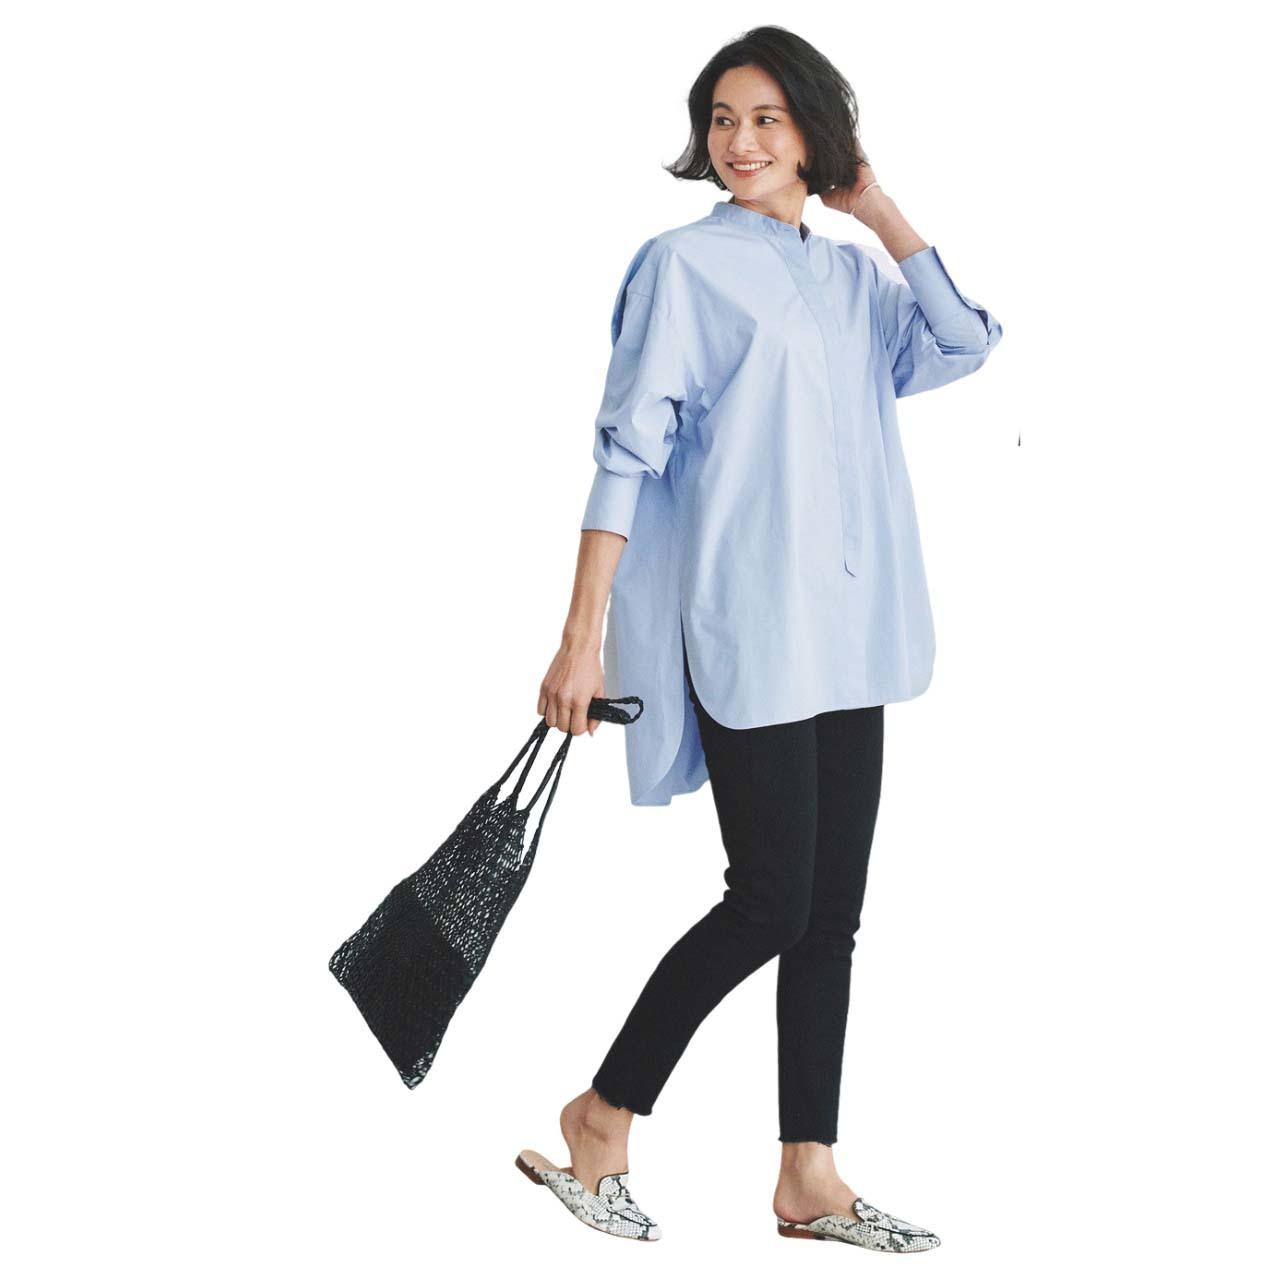 ■サックスブルーのチュニックシャツ×黒パンツコーデ